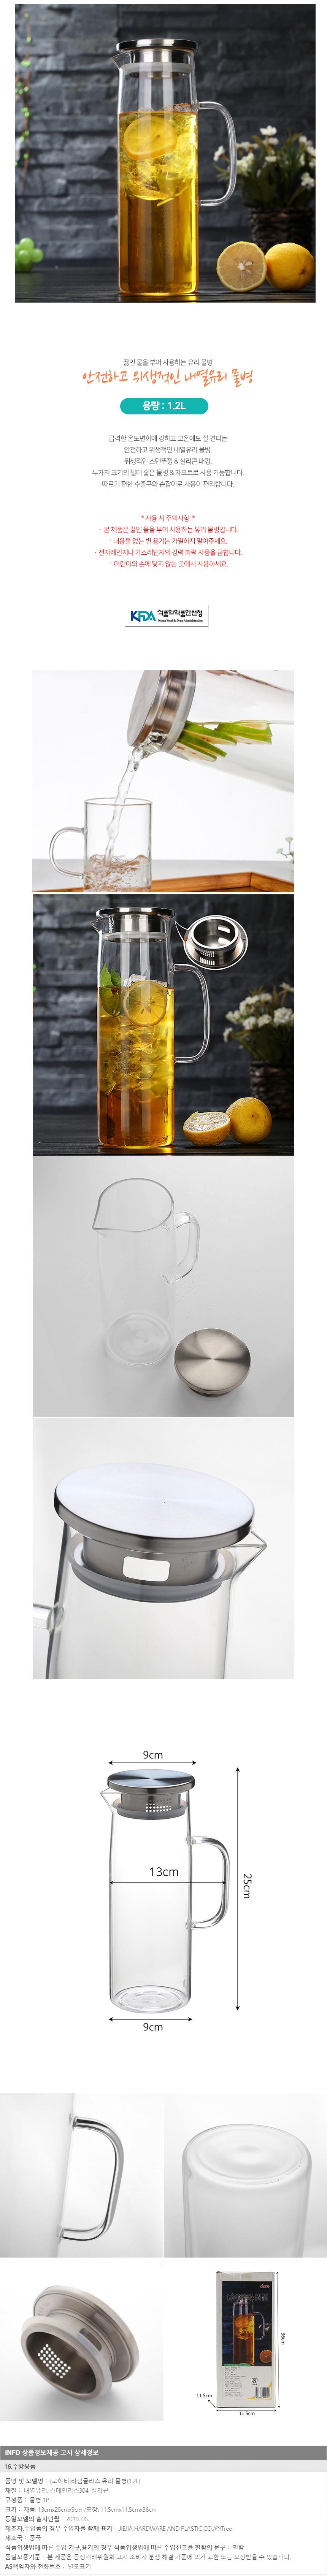 텐바이텐 10x10 로하티 투명 내열유리 물병 1 2l 주방 냉장고물병 2020 물병 유리 물병 디자인 문구